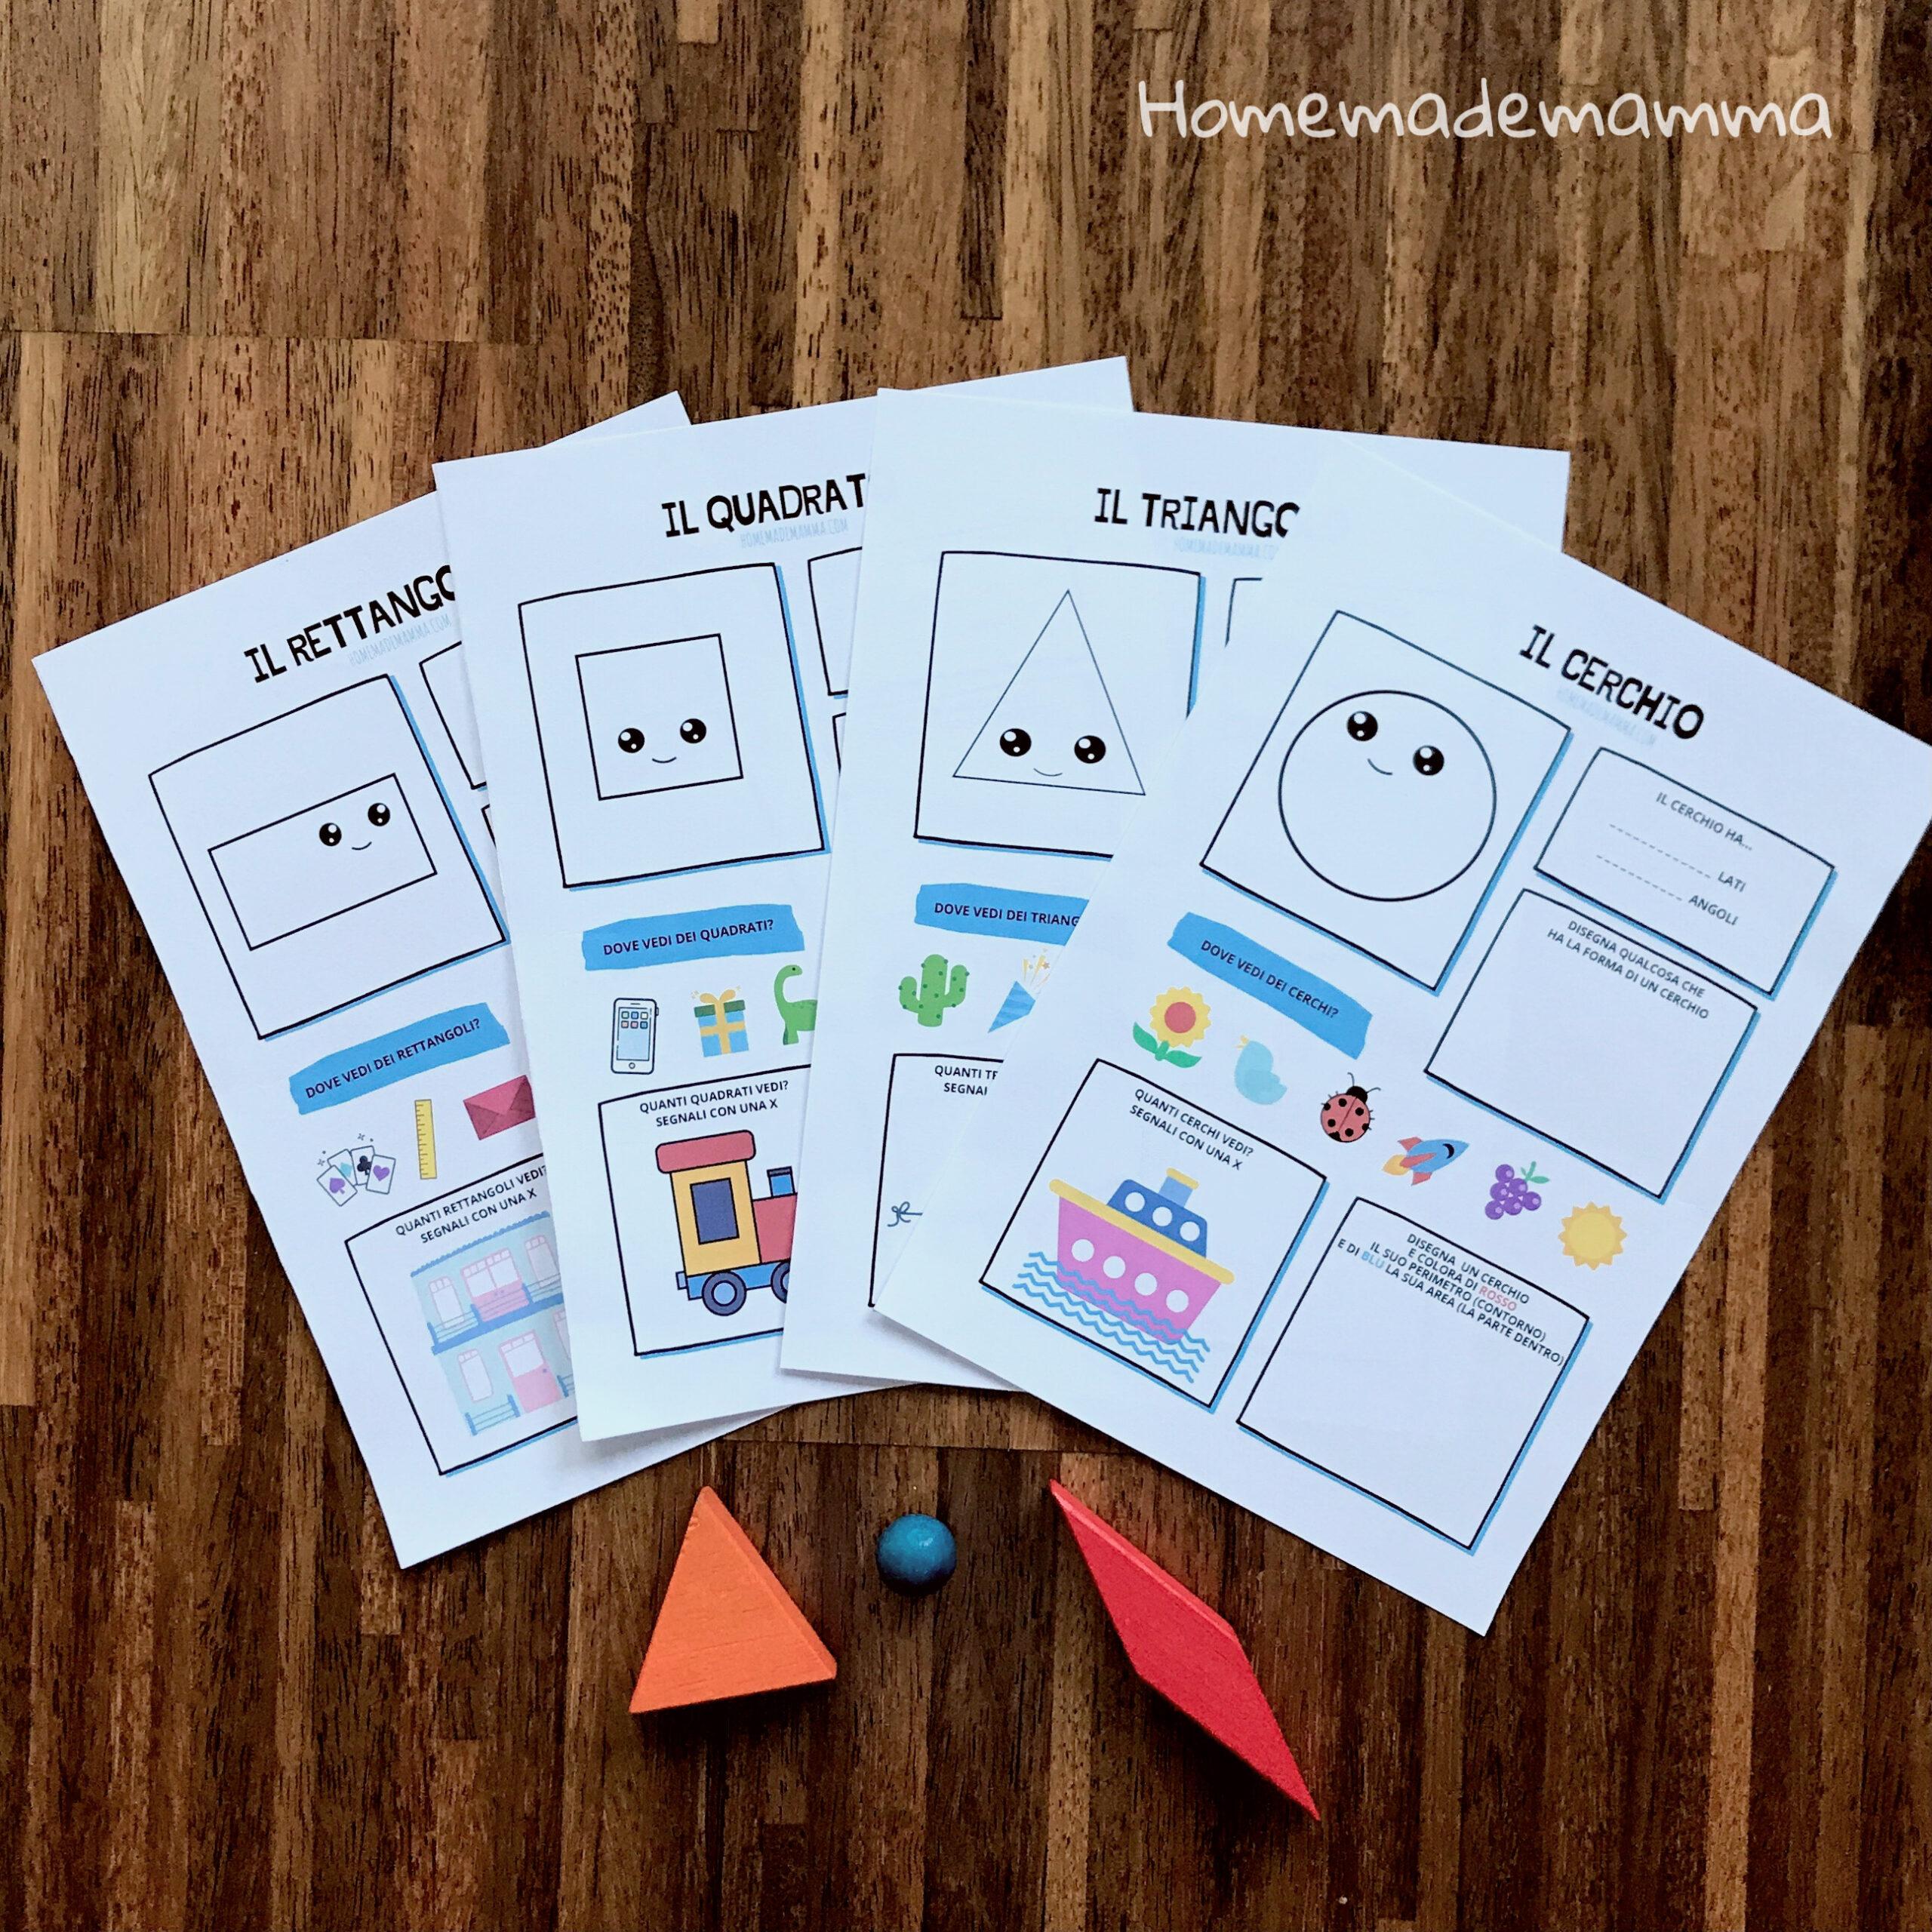 SCHEDE forme da stampare bambini